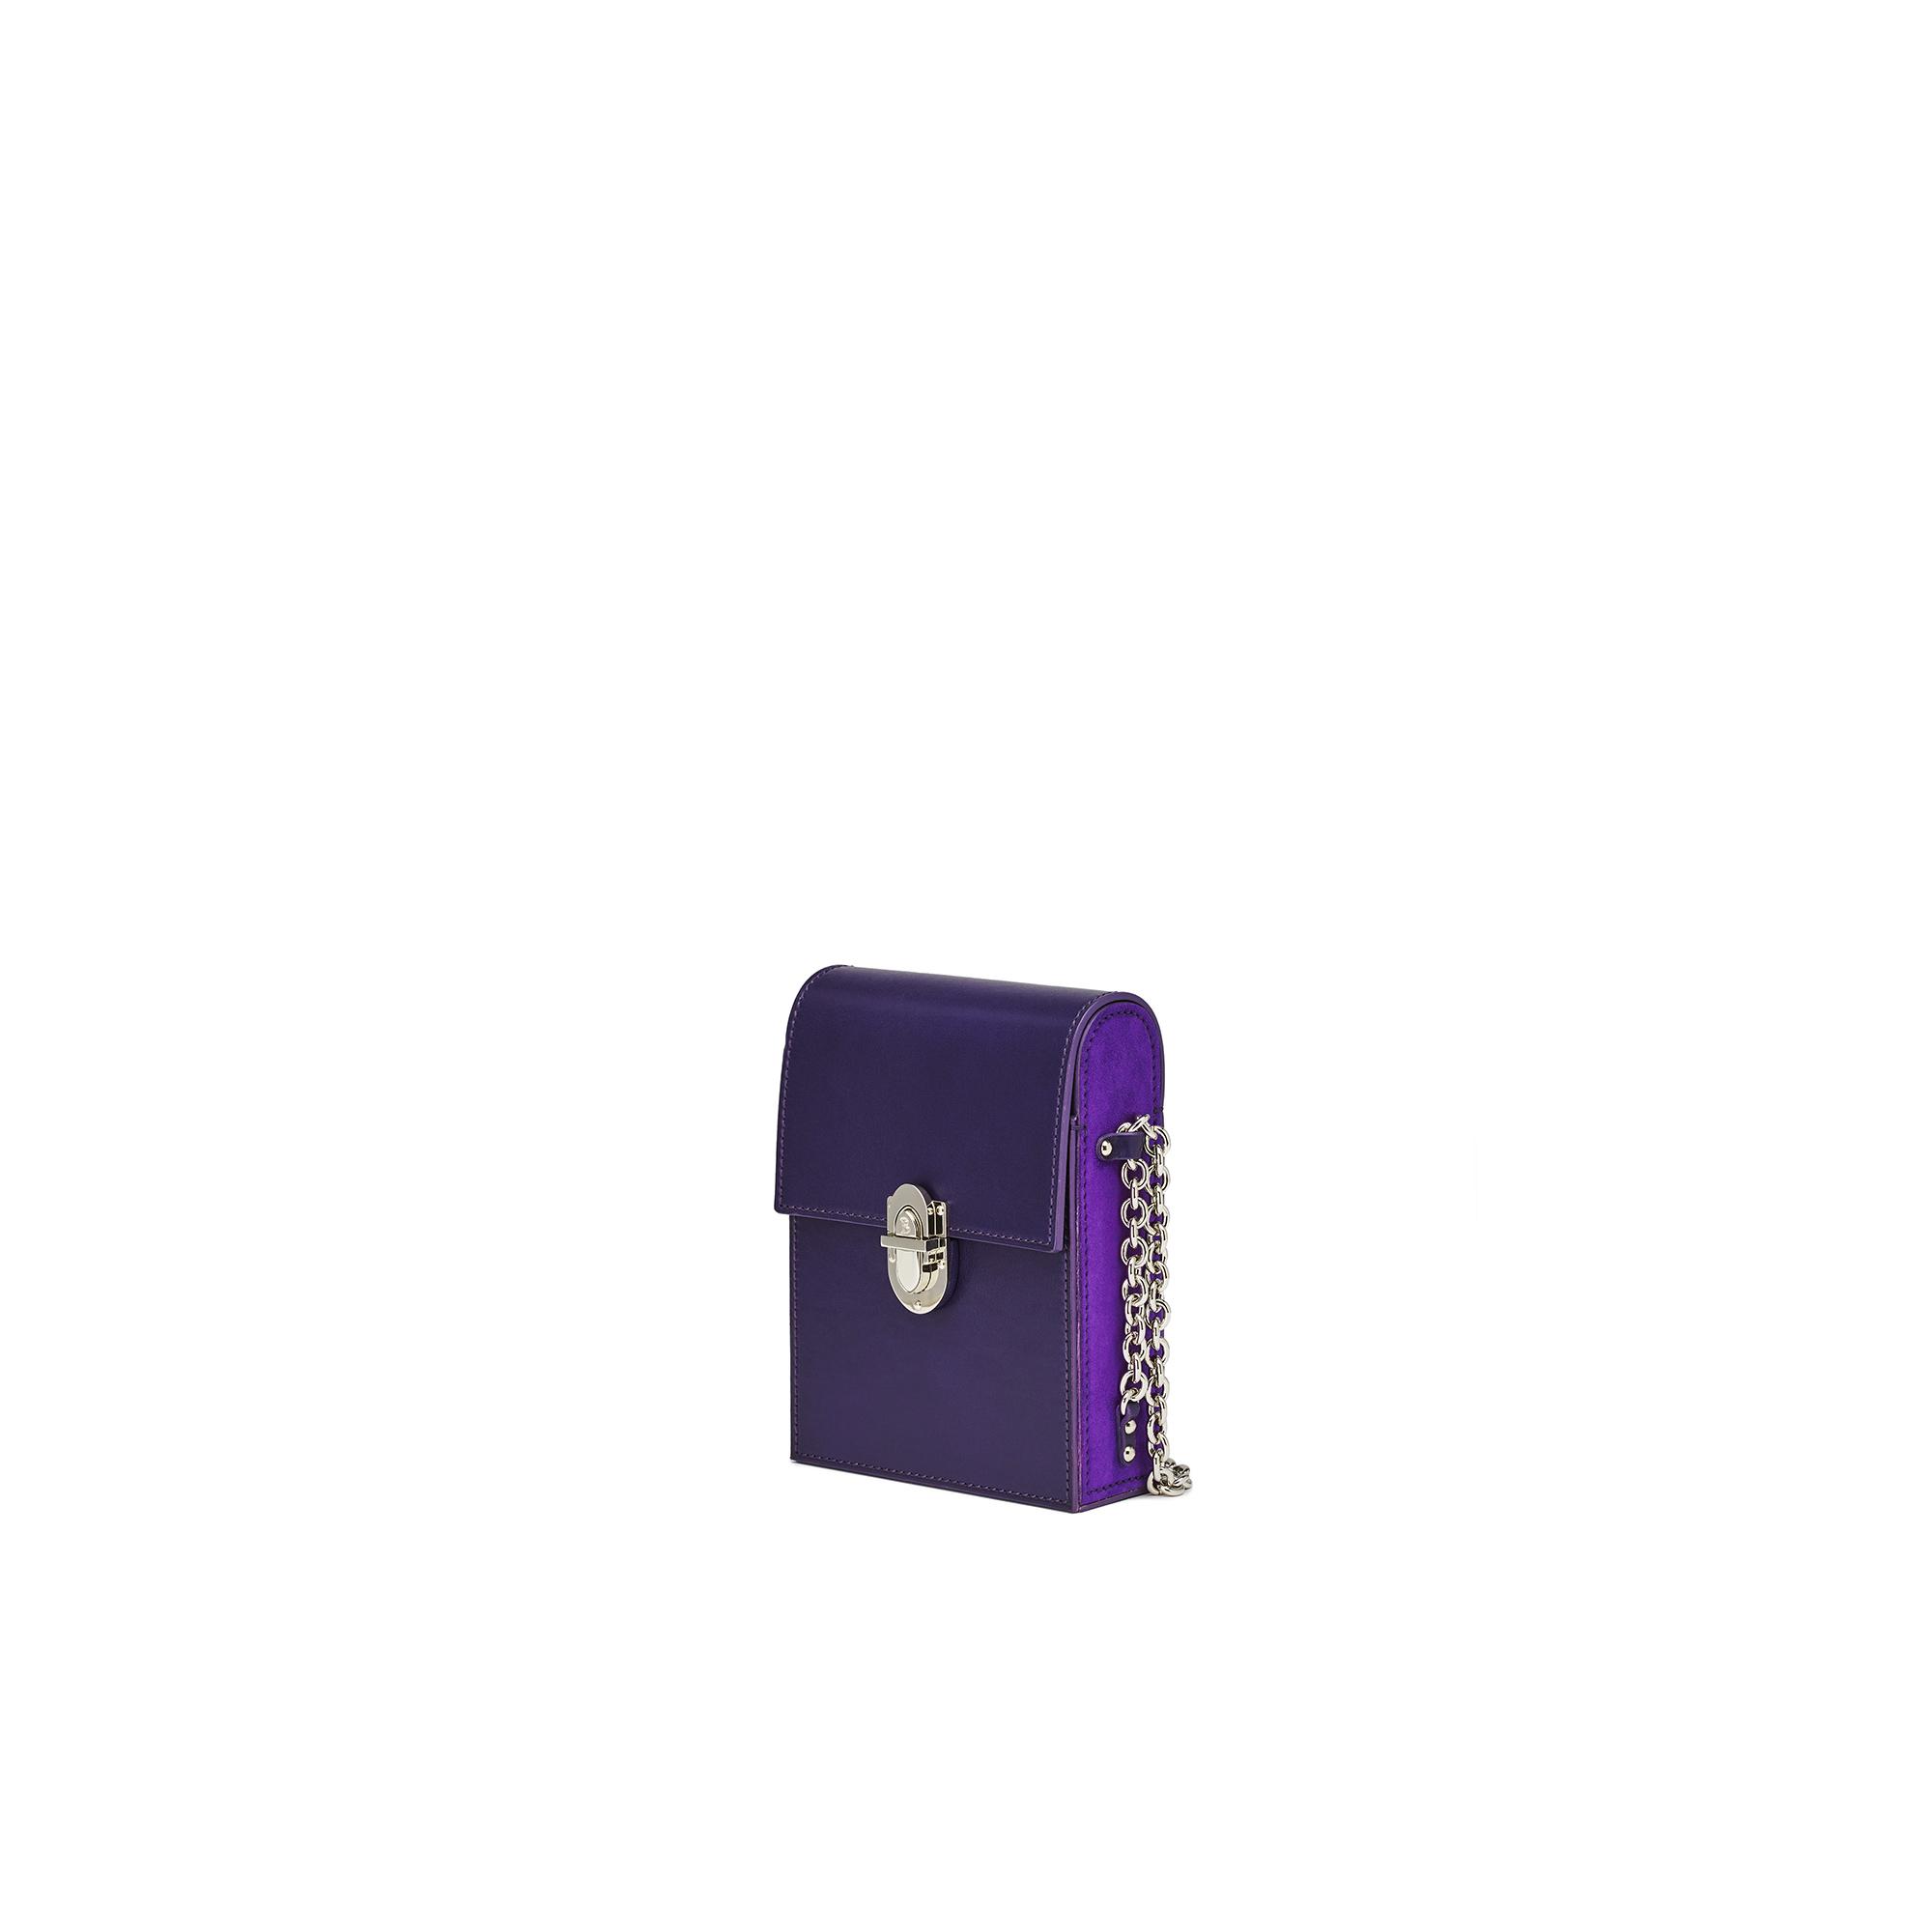 Mini-Gigi-purple-french-calf-bag-Bertoni-1949_01